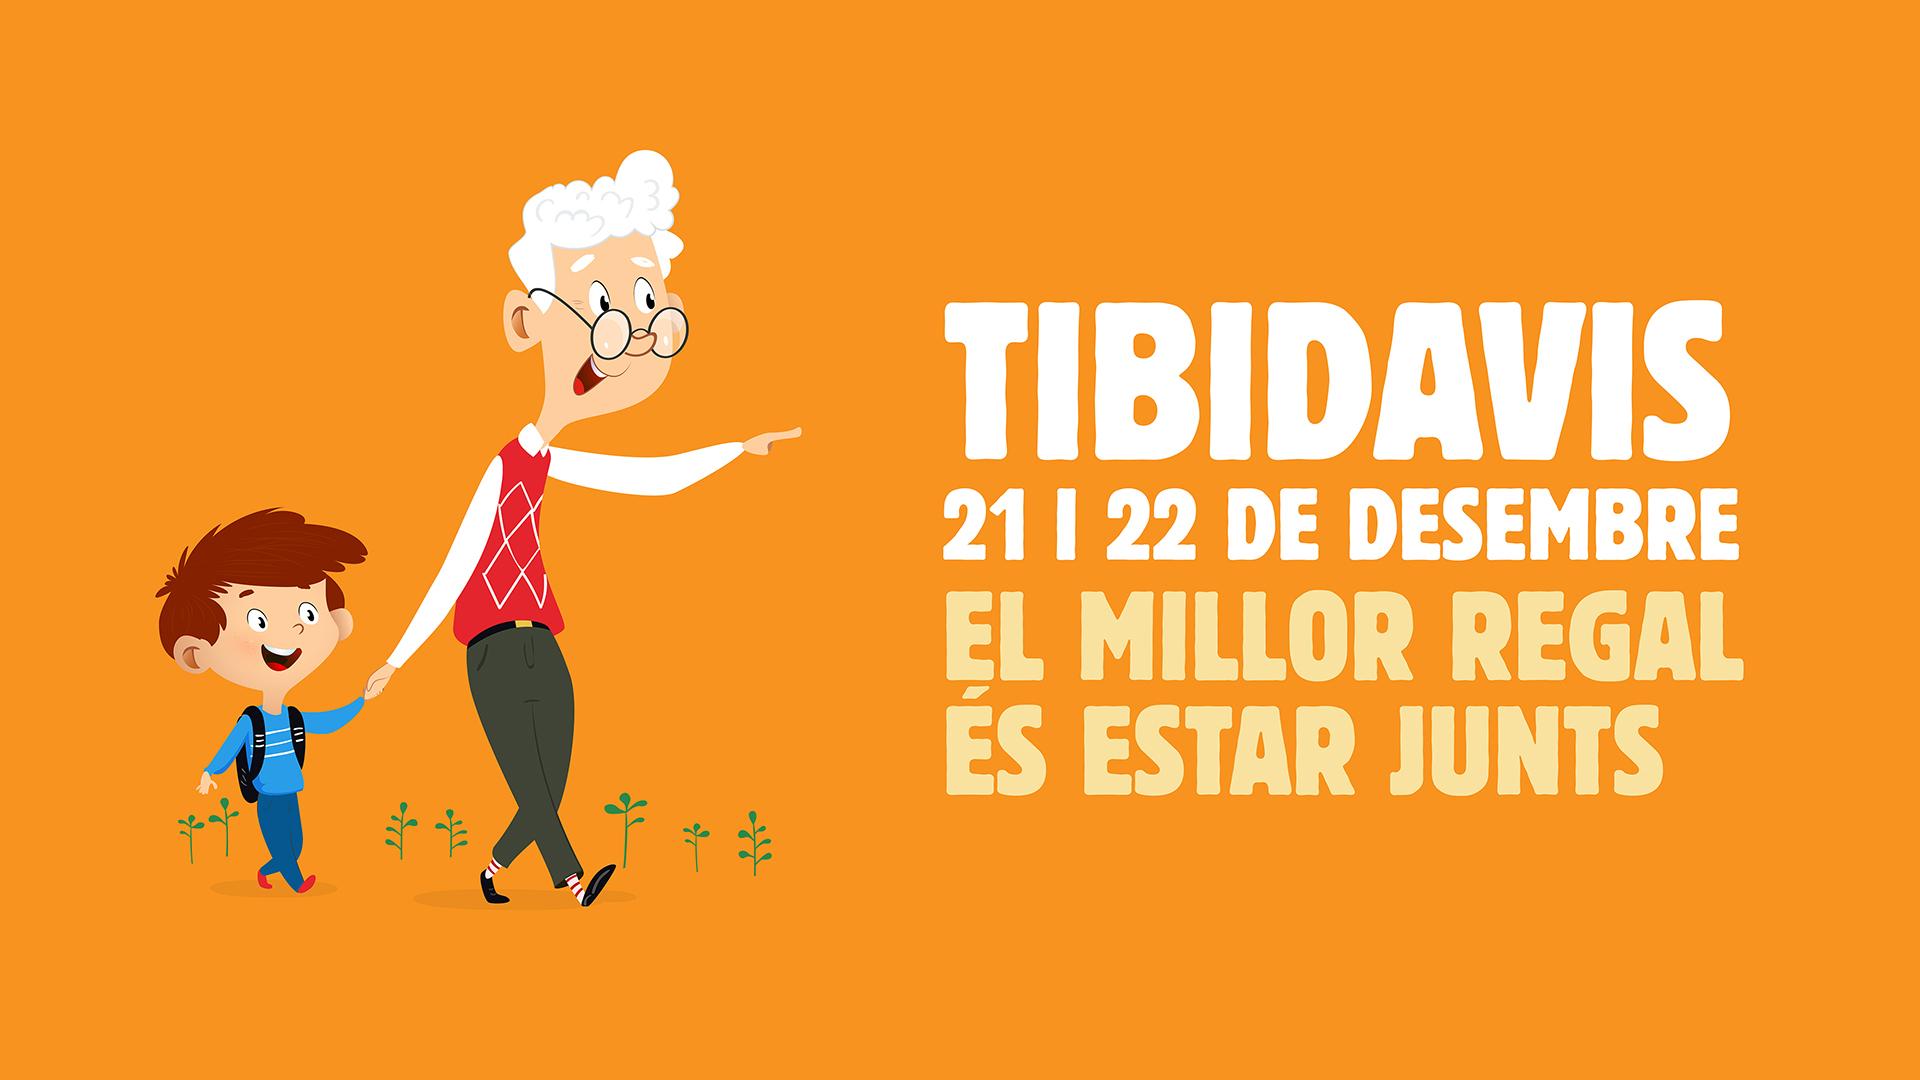 Abuelos y nietos gratis al Tibidabo el 21 y 22 de diciembre